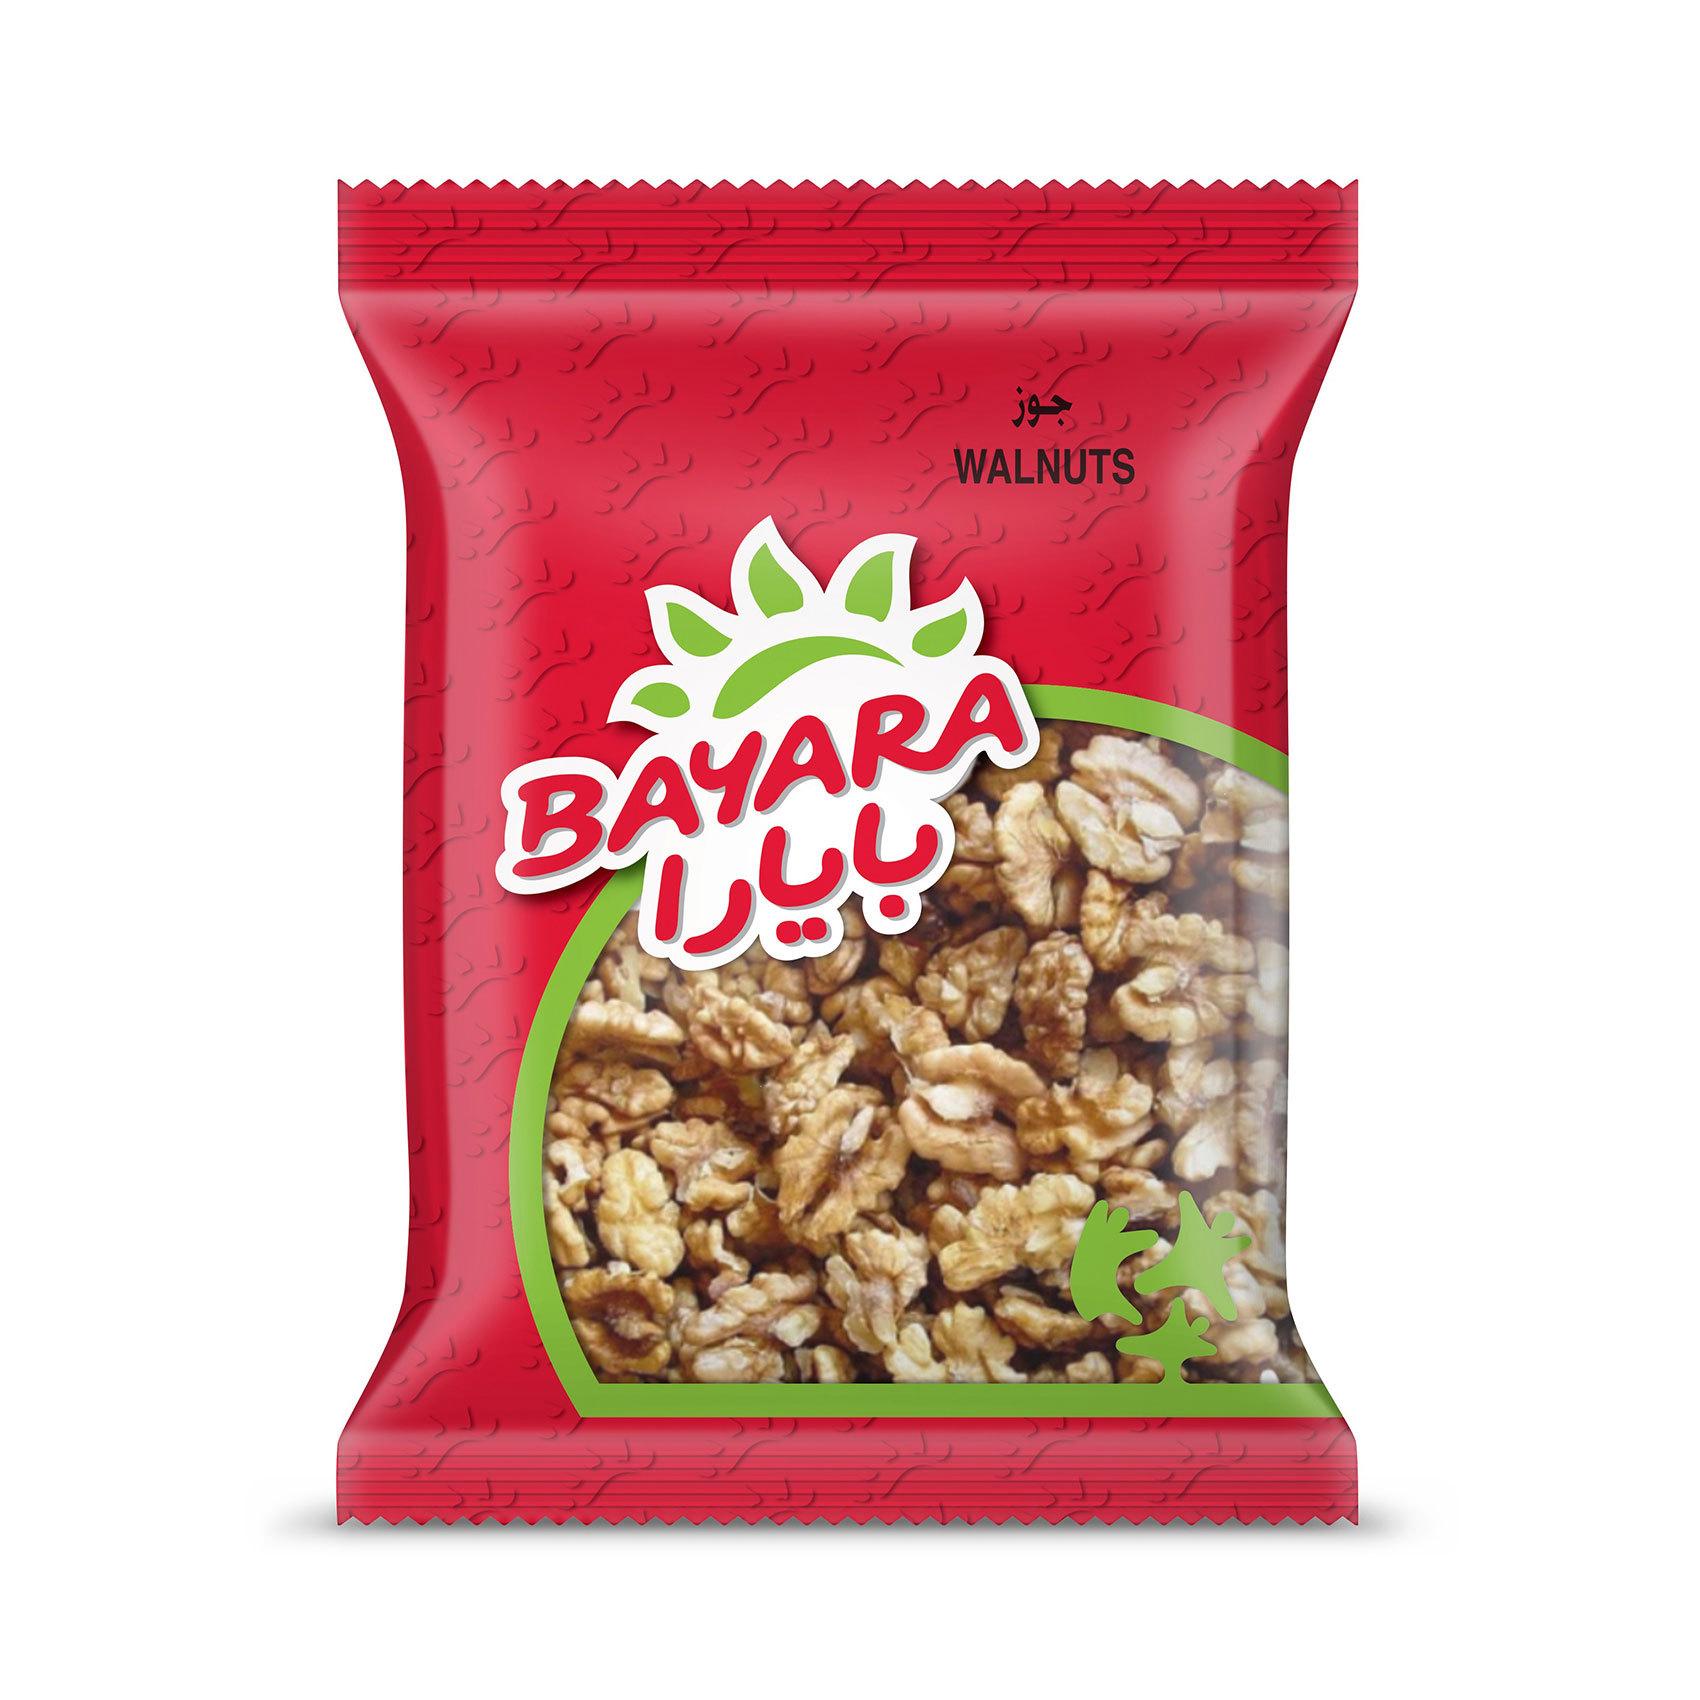 BAYARA WALNUTS HALVES 200GR